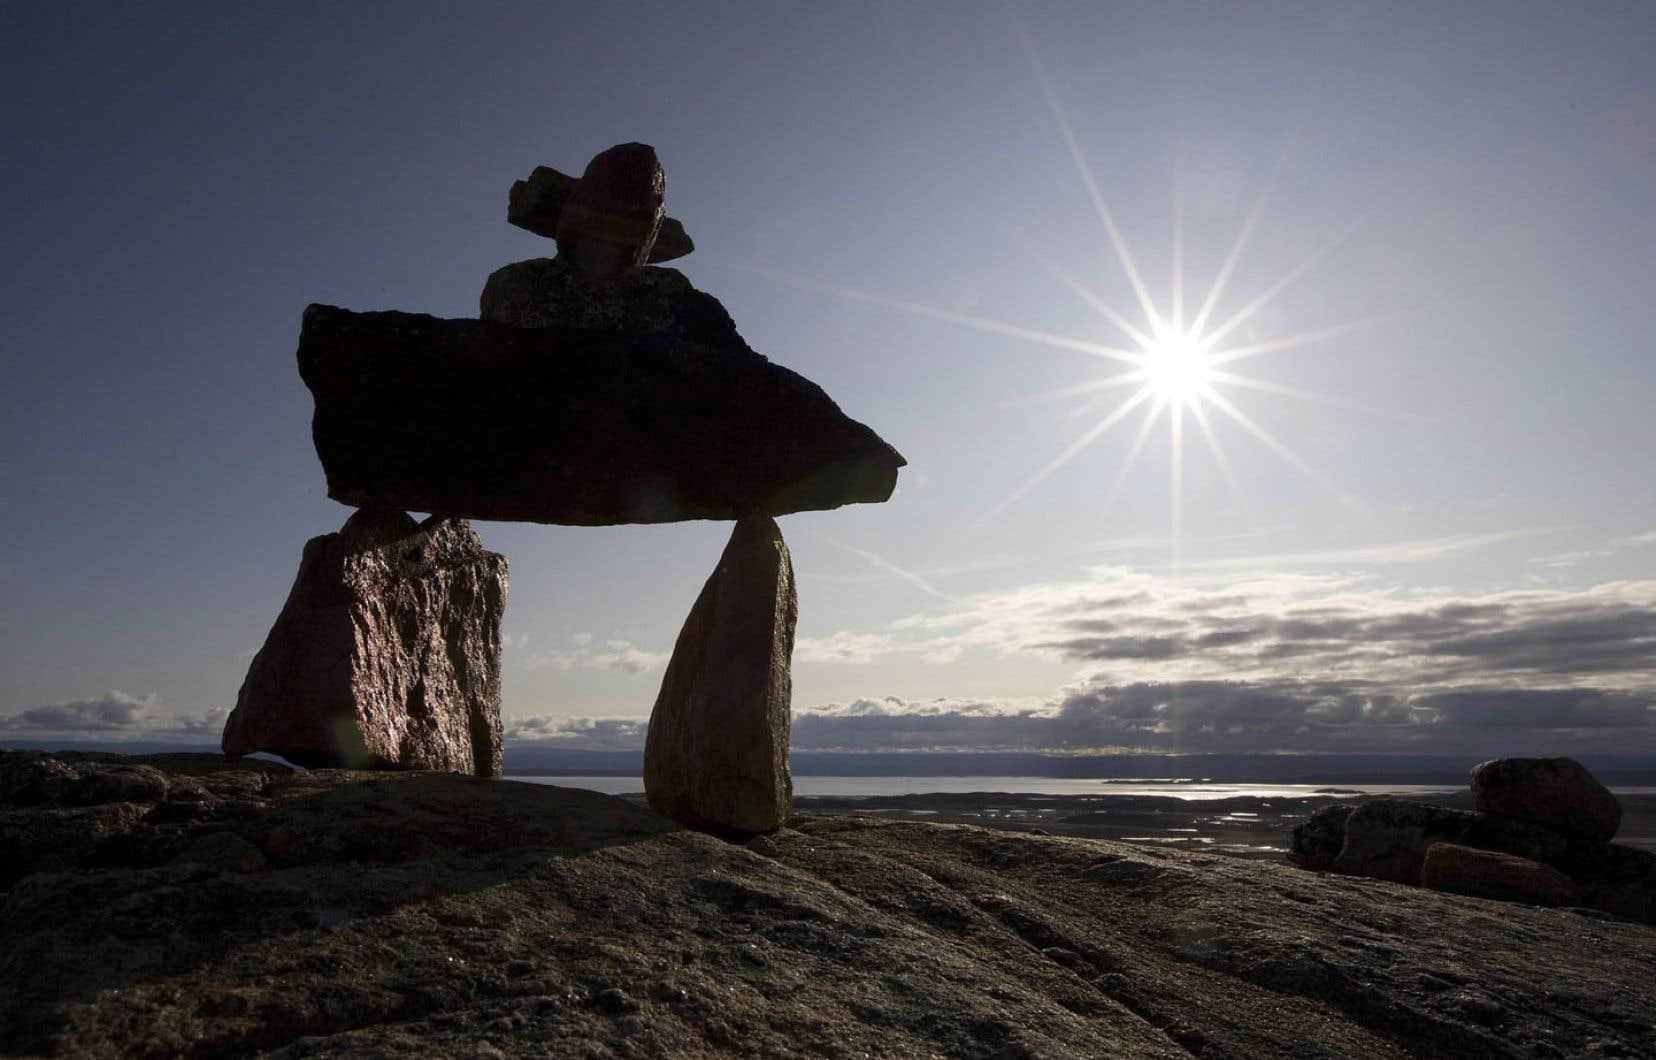 Un inukshuk près d'Iqaluit, au Nunavut. Une étude conclut que les suicides, au Nunavut, semblent plus fréquents chez les jeunes hommes d'environ 24 ans, célibataires, sans emploi et relativement moins éduqués.